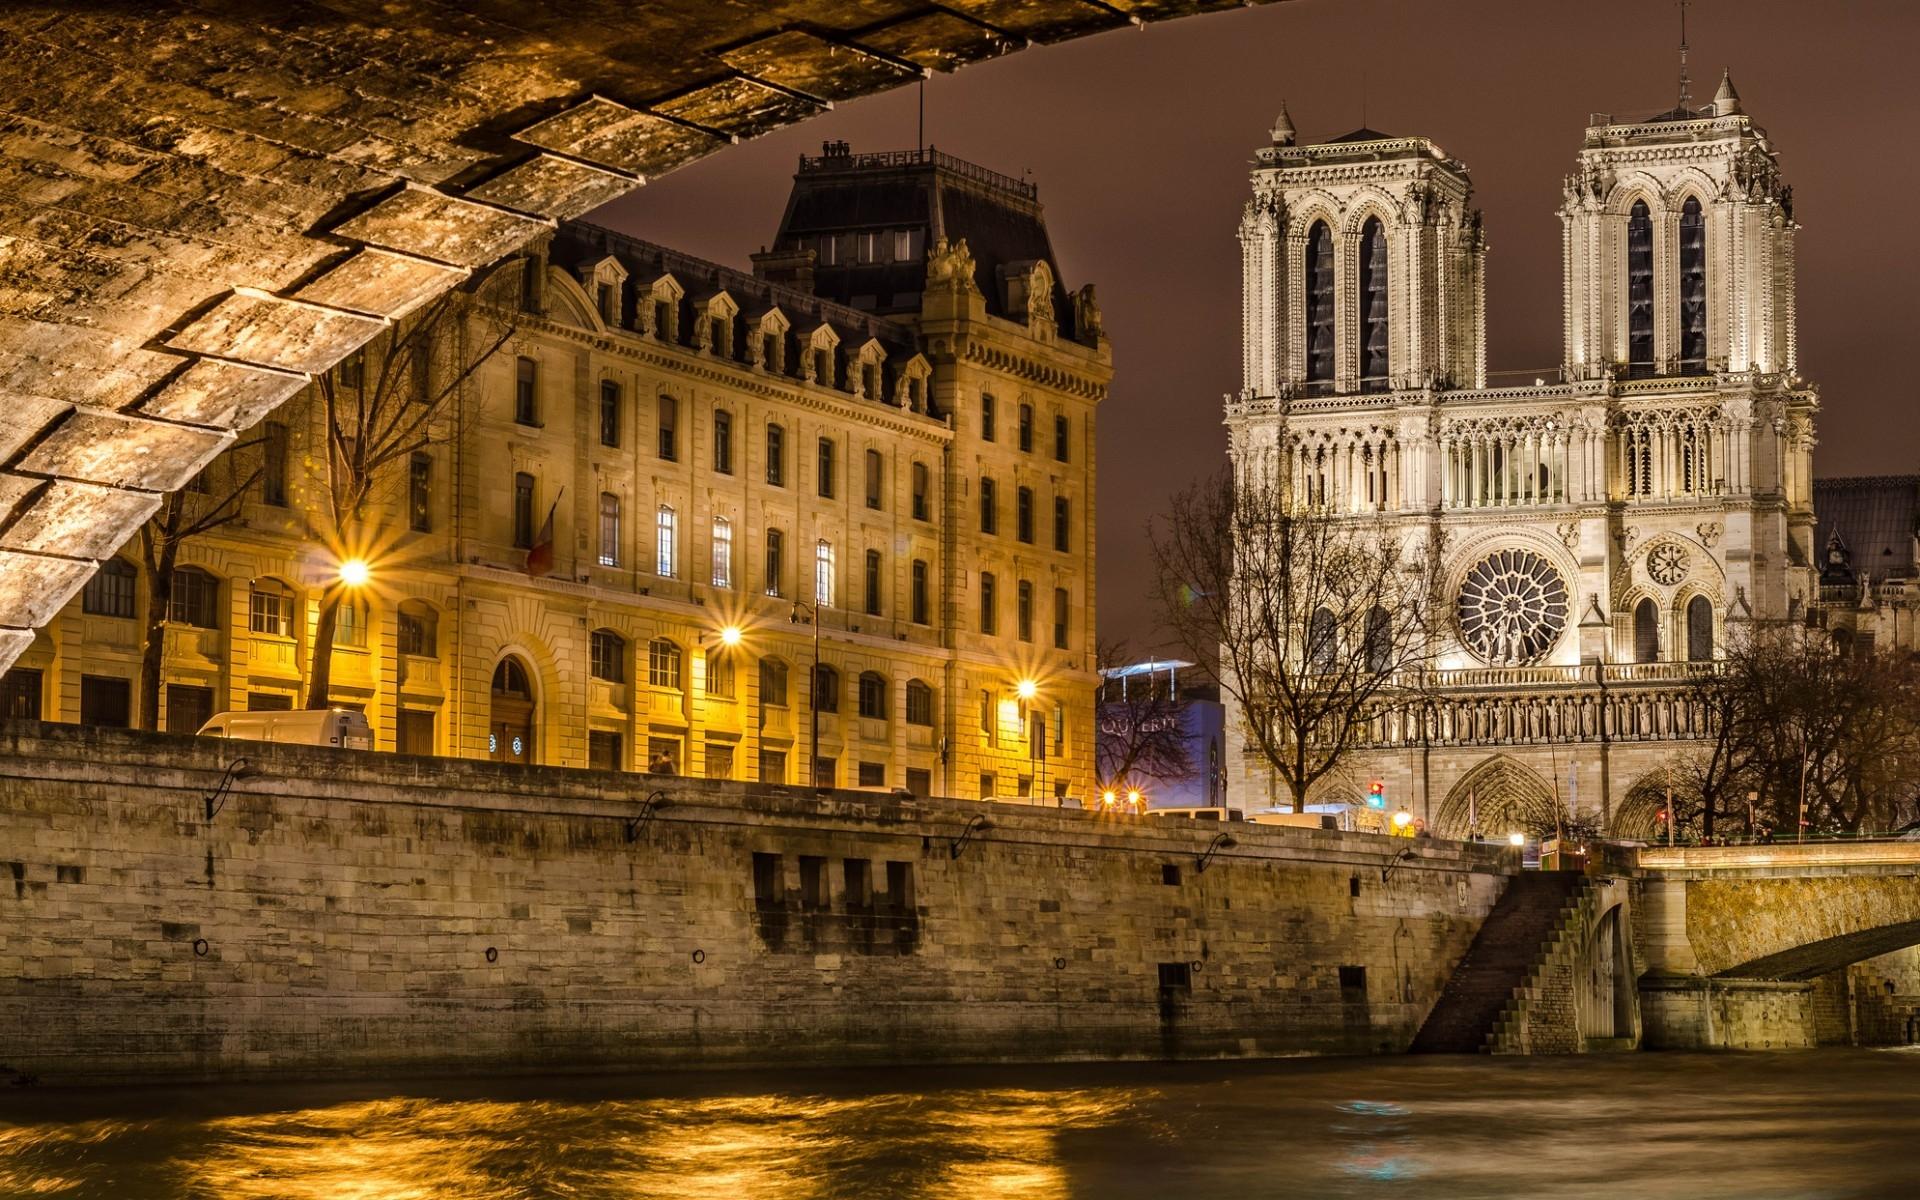 Paris hd wallpaper background image 1920x1200 id for Hotel notre dame paris